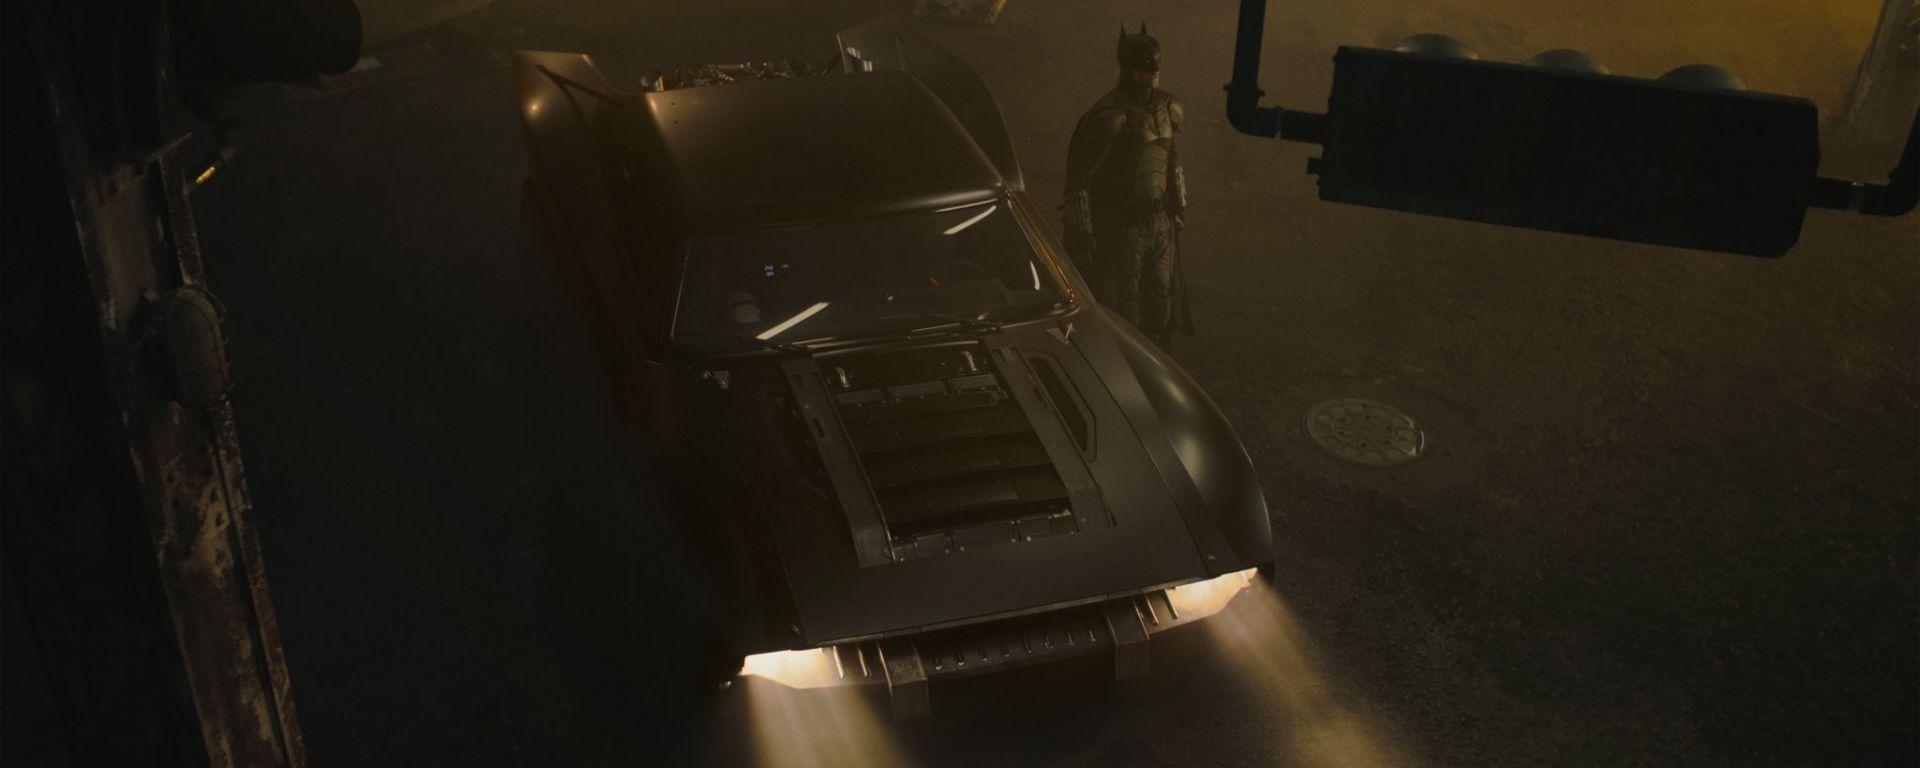 Fotogallery: la Batmobile del nuovo Batman con Robert Pattinson